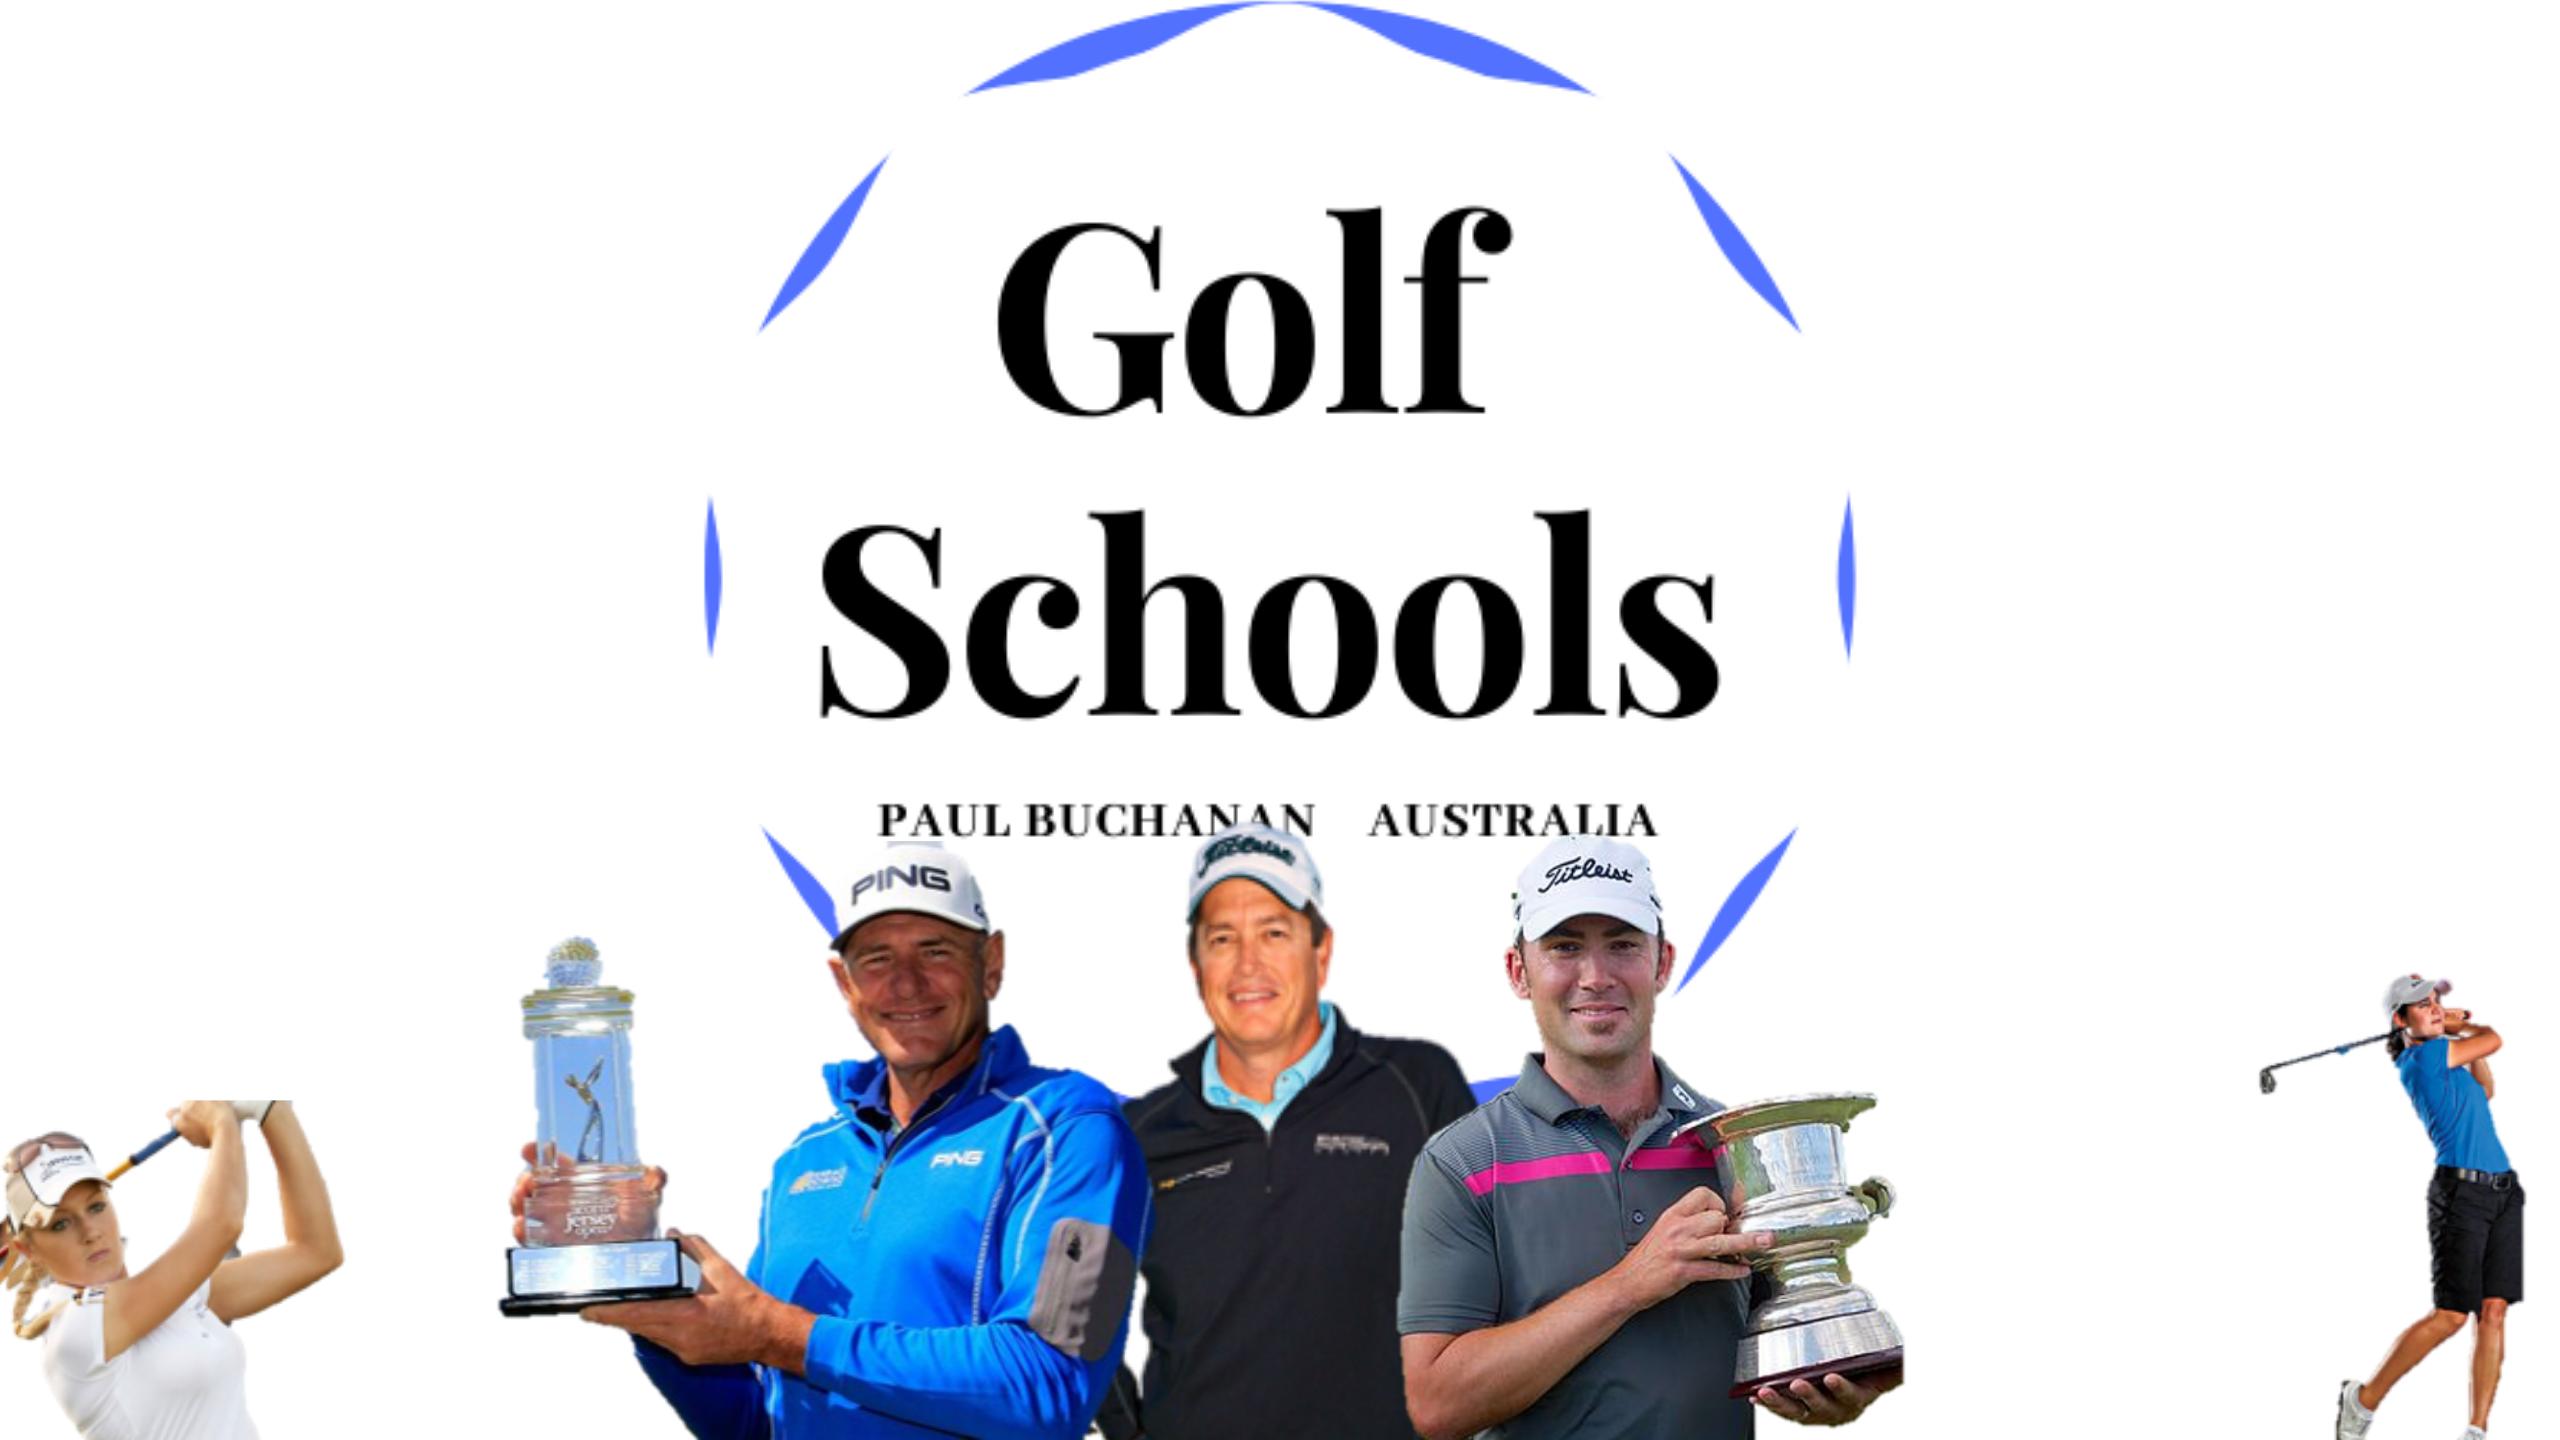 golfschoolyoutubechannelart2020